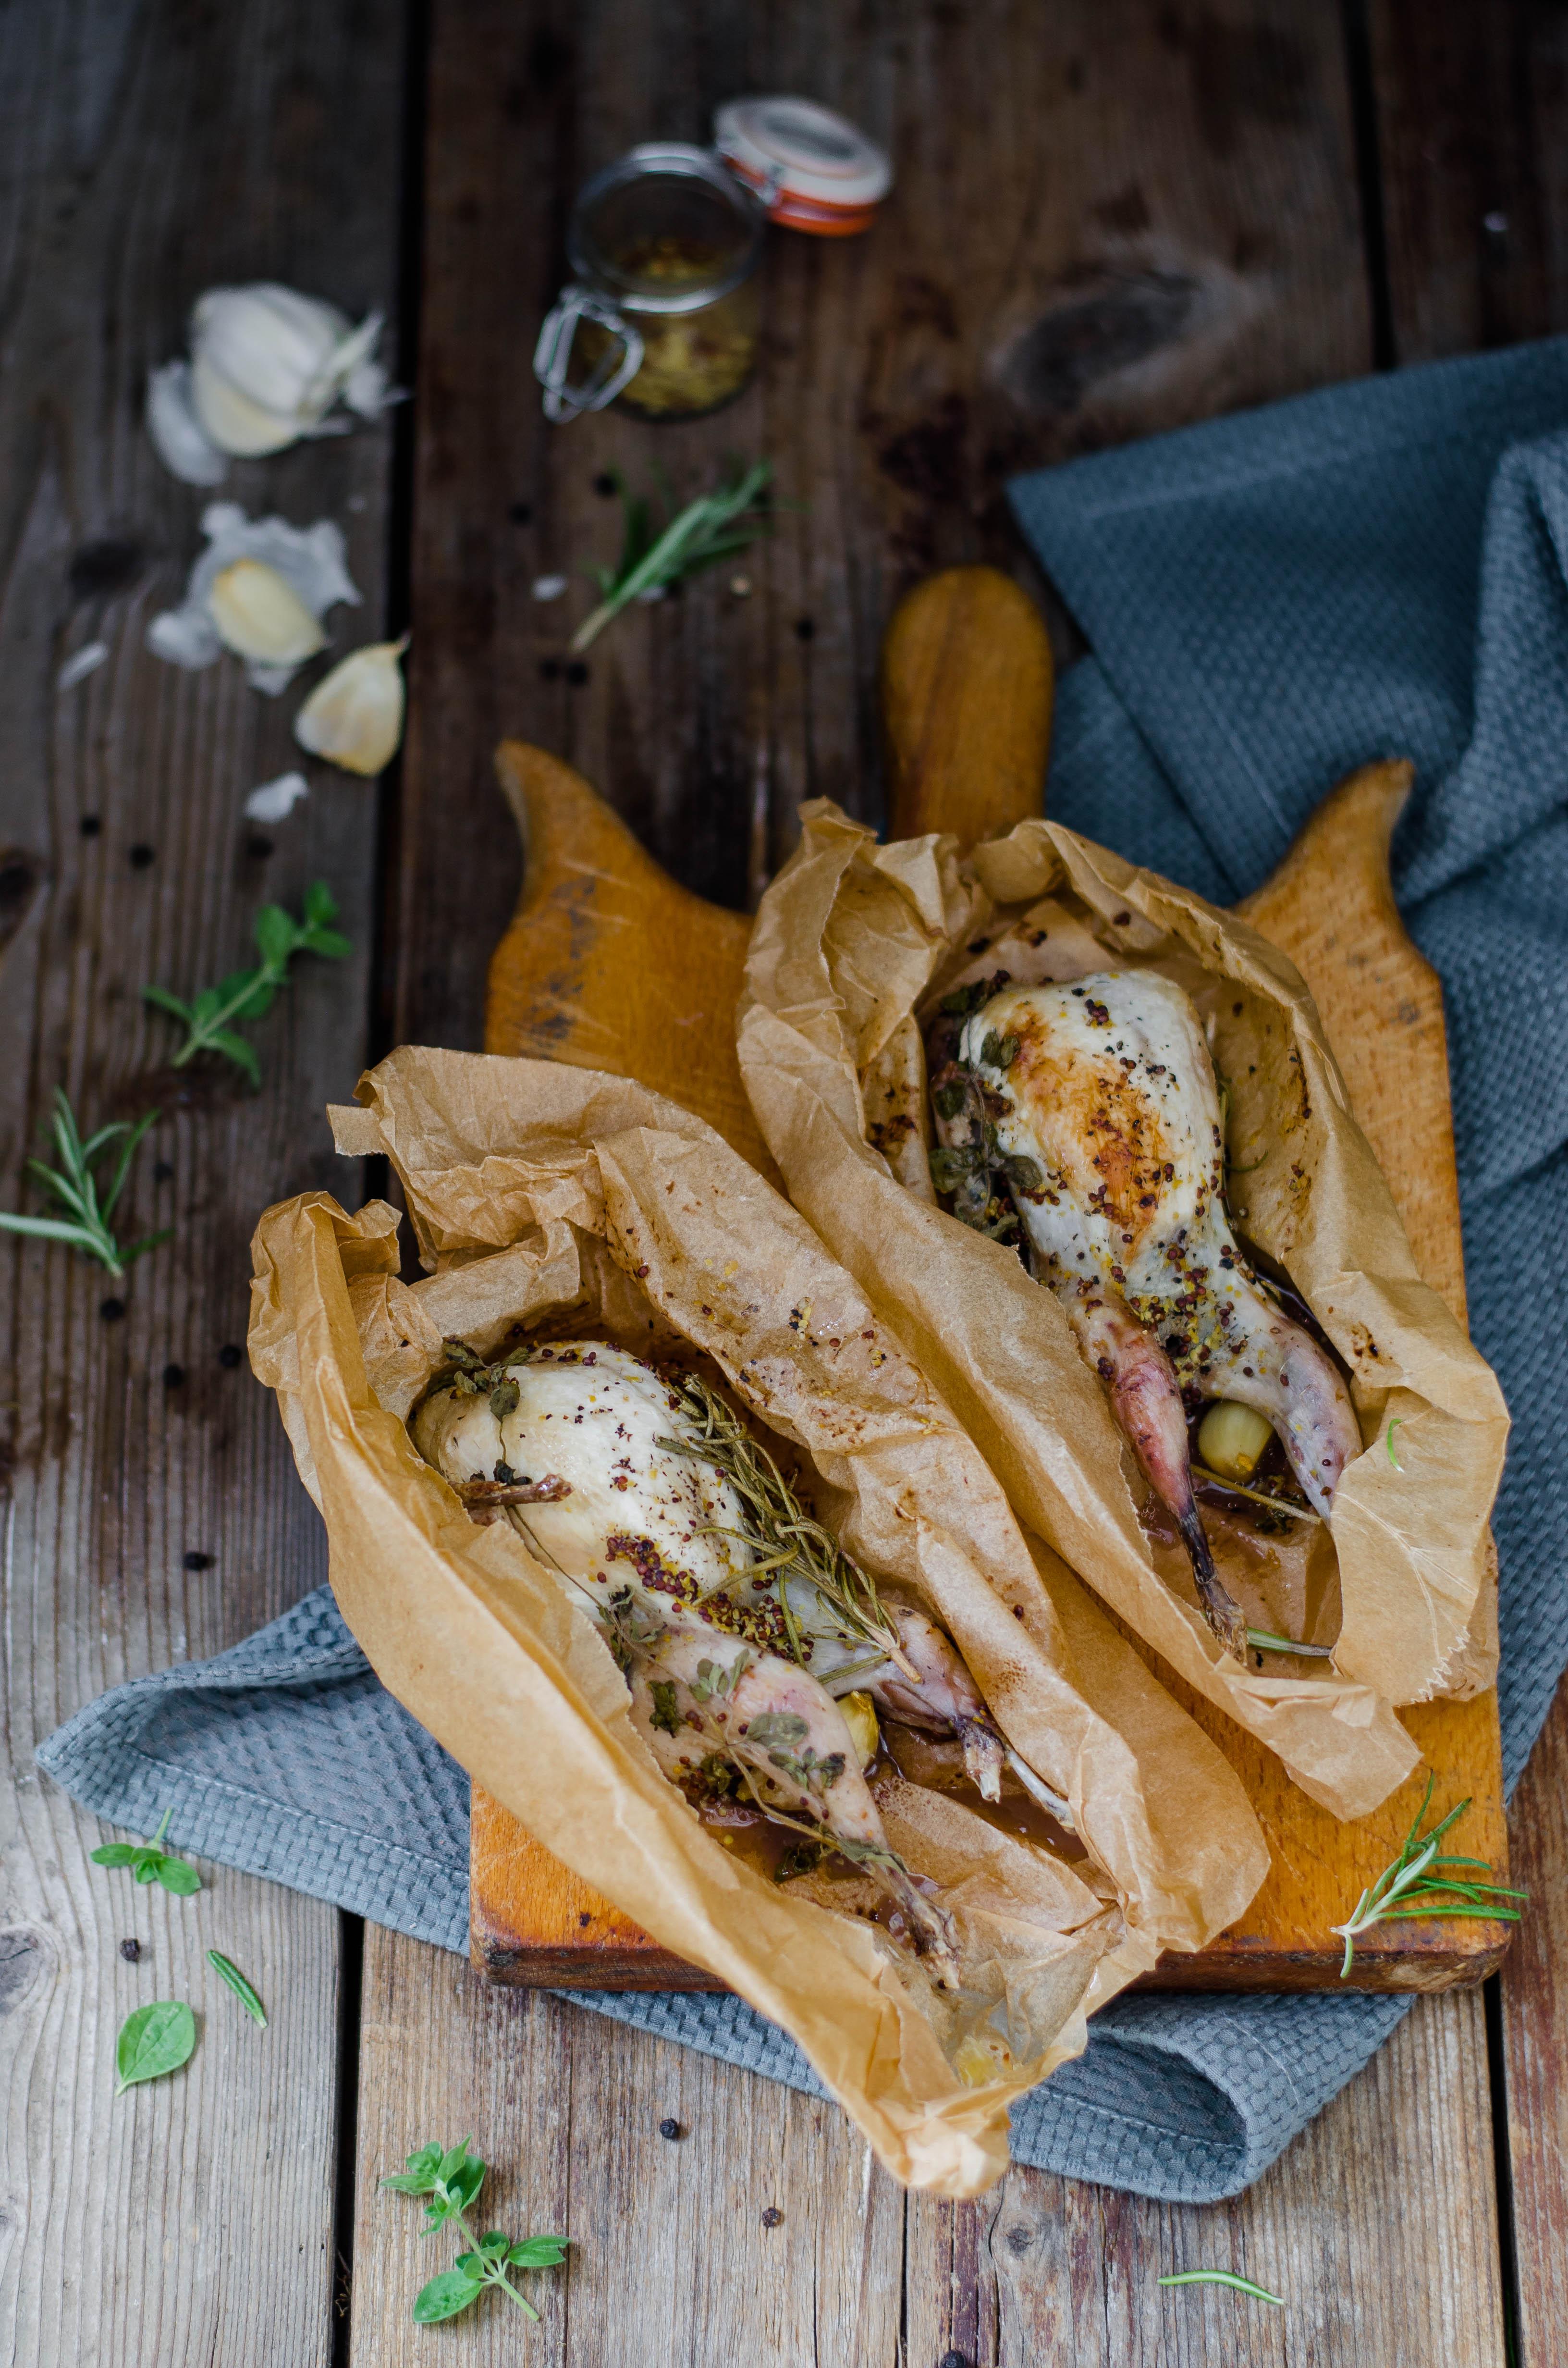 quaglie_senape_frutta2 Quaglie al cartoccio con senape e frutta